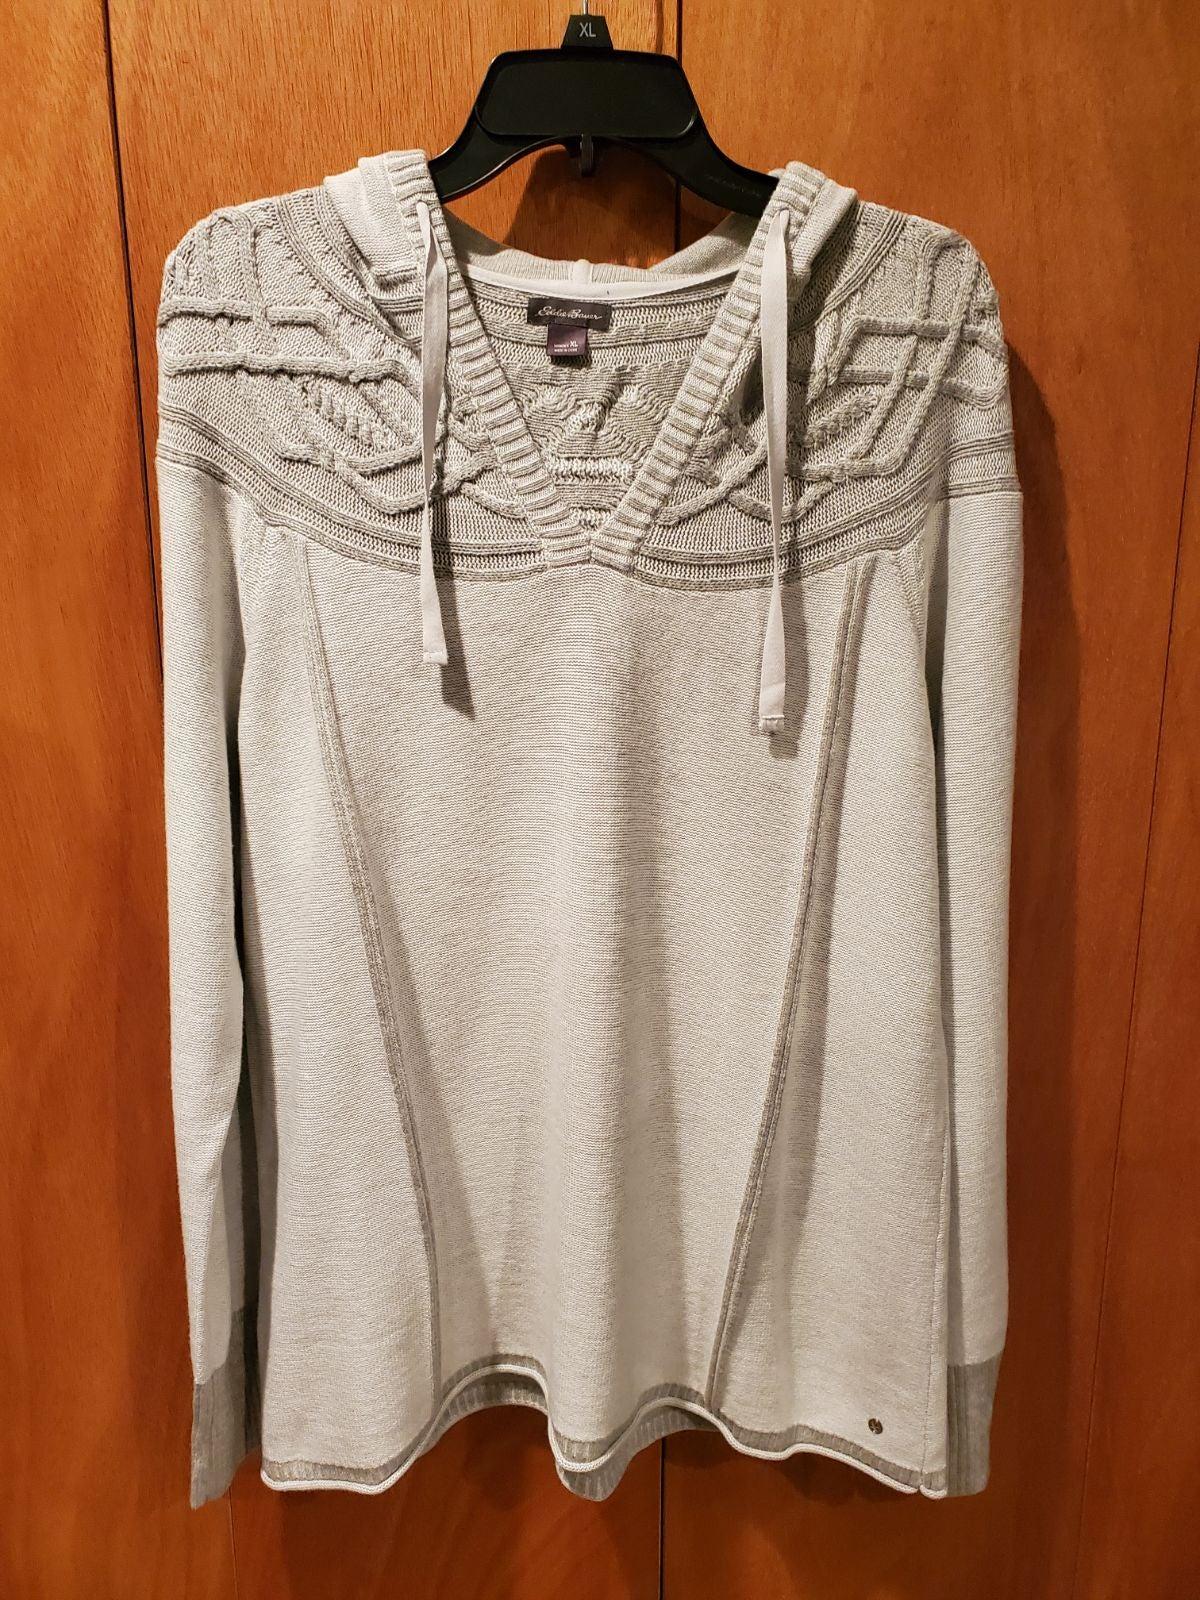 NWOT Eddie Bauer Hooded Sweater